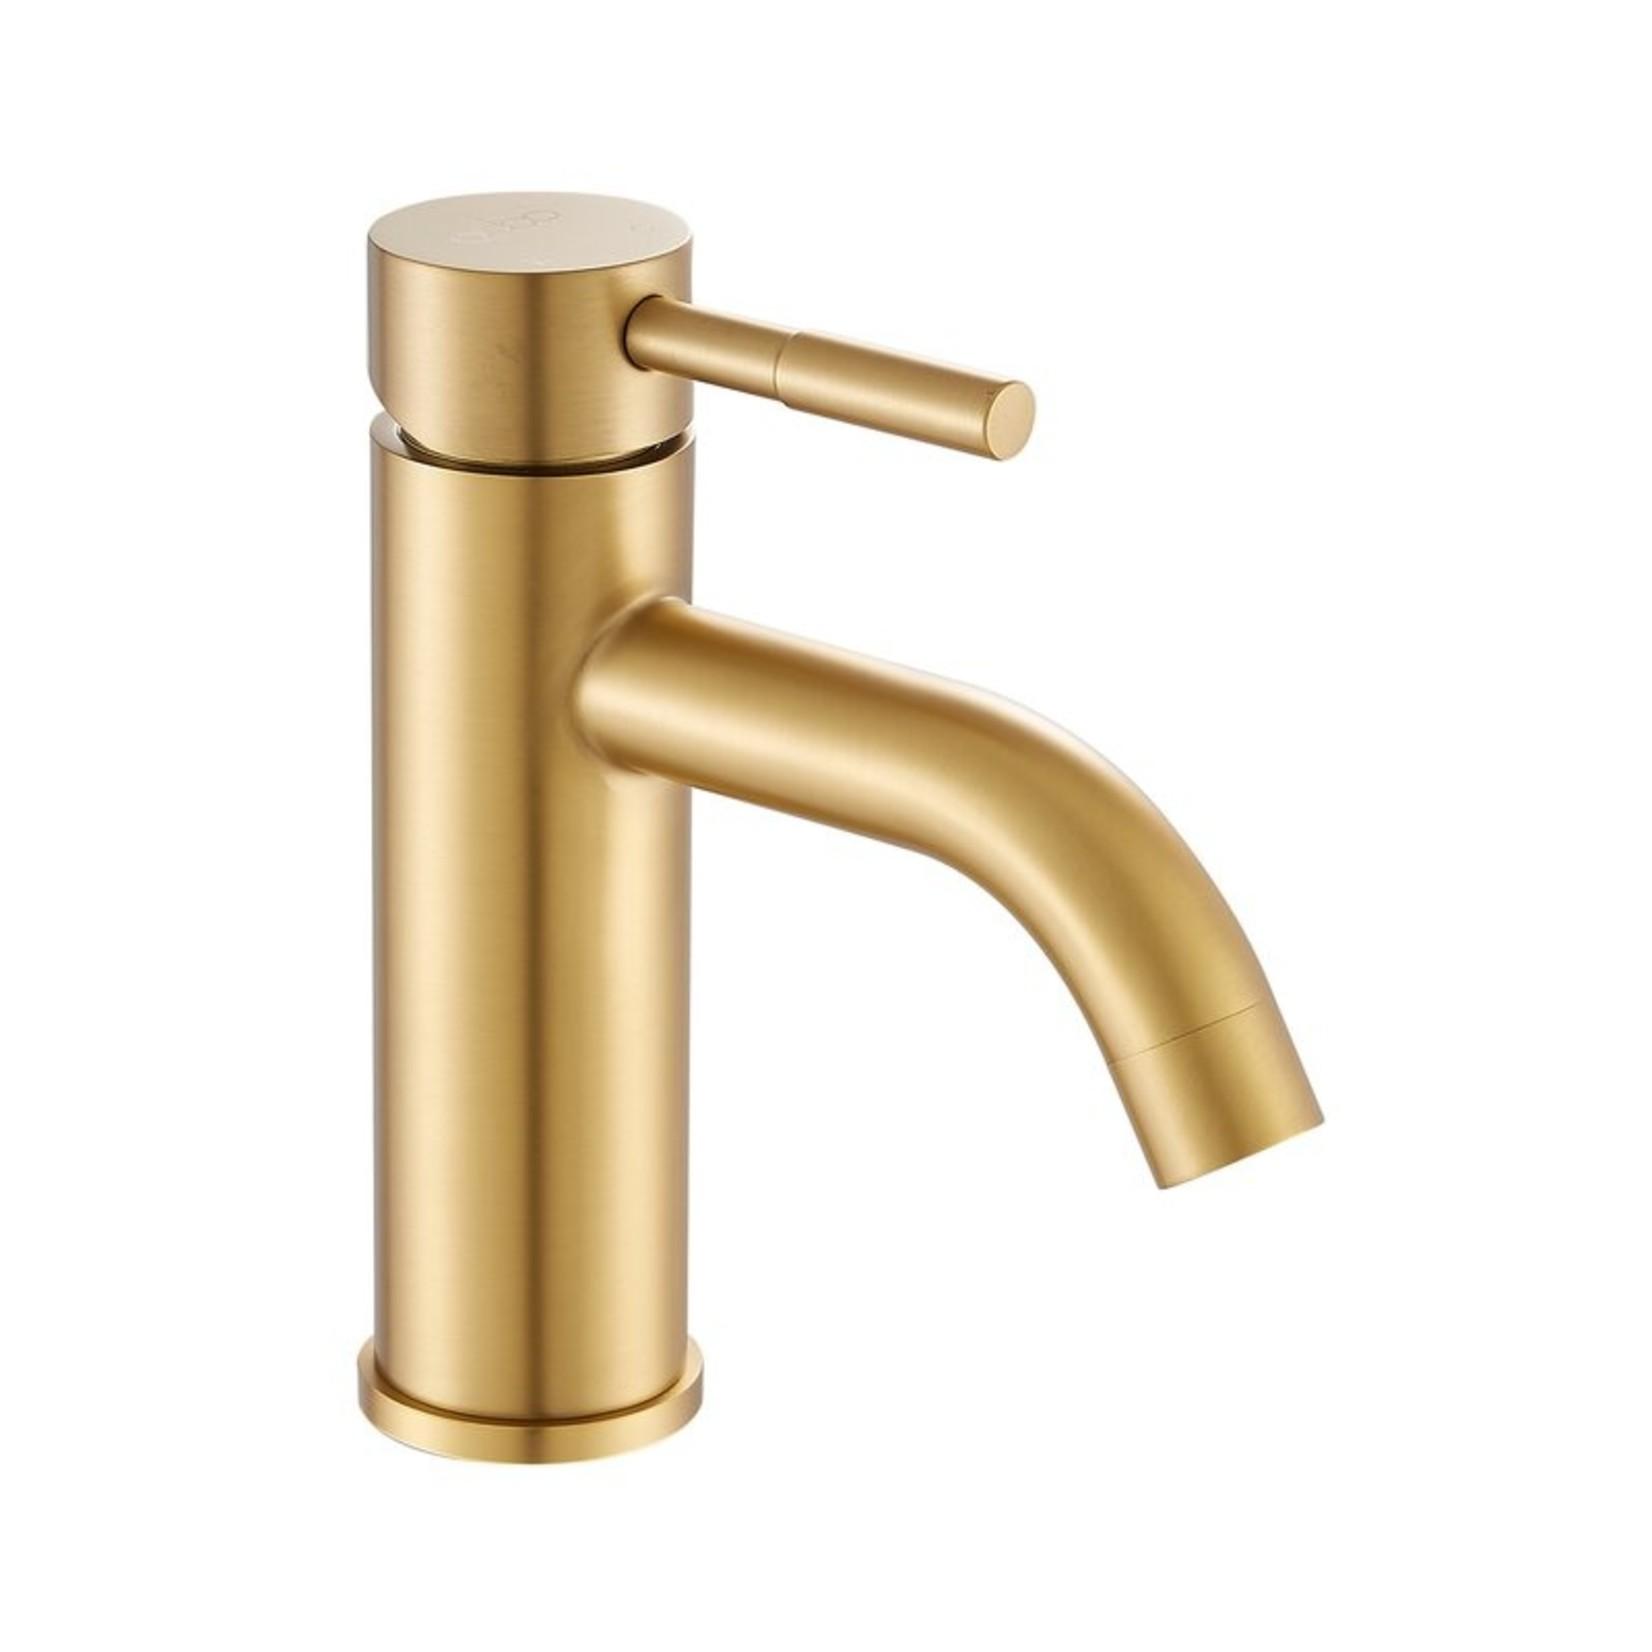 Robinet de lavabo Laiton brossé NRD-981005-BB  Nortrends